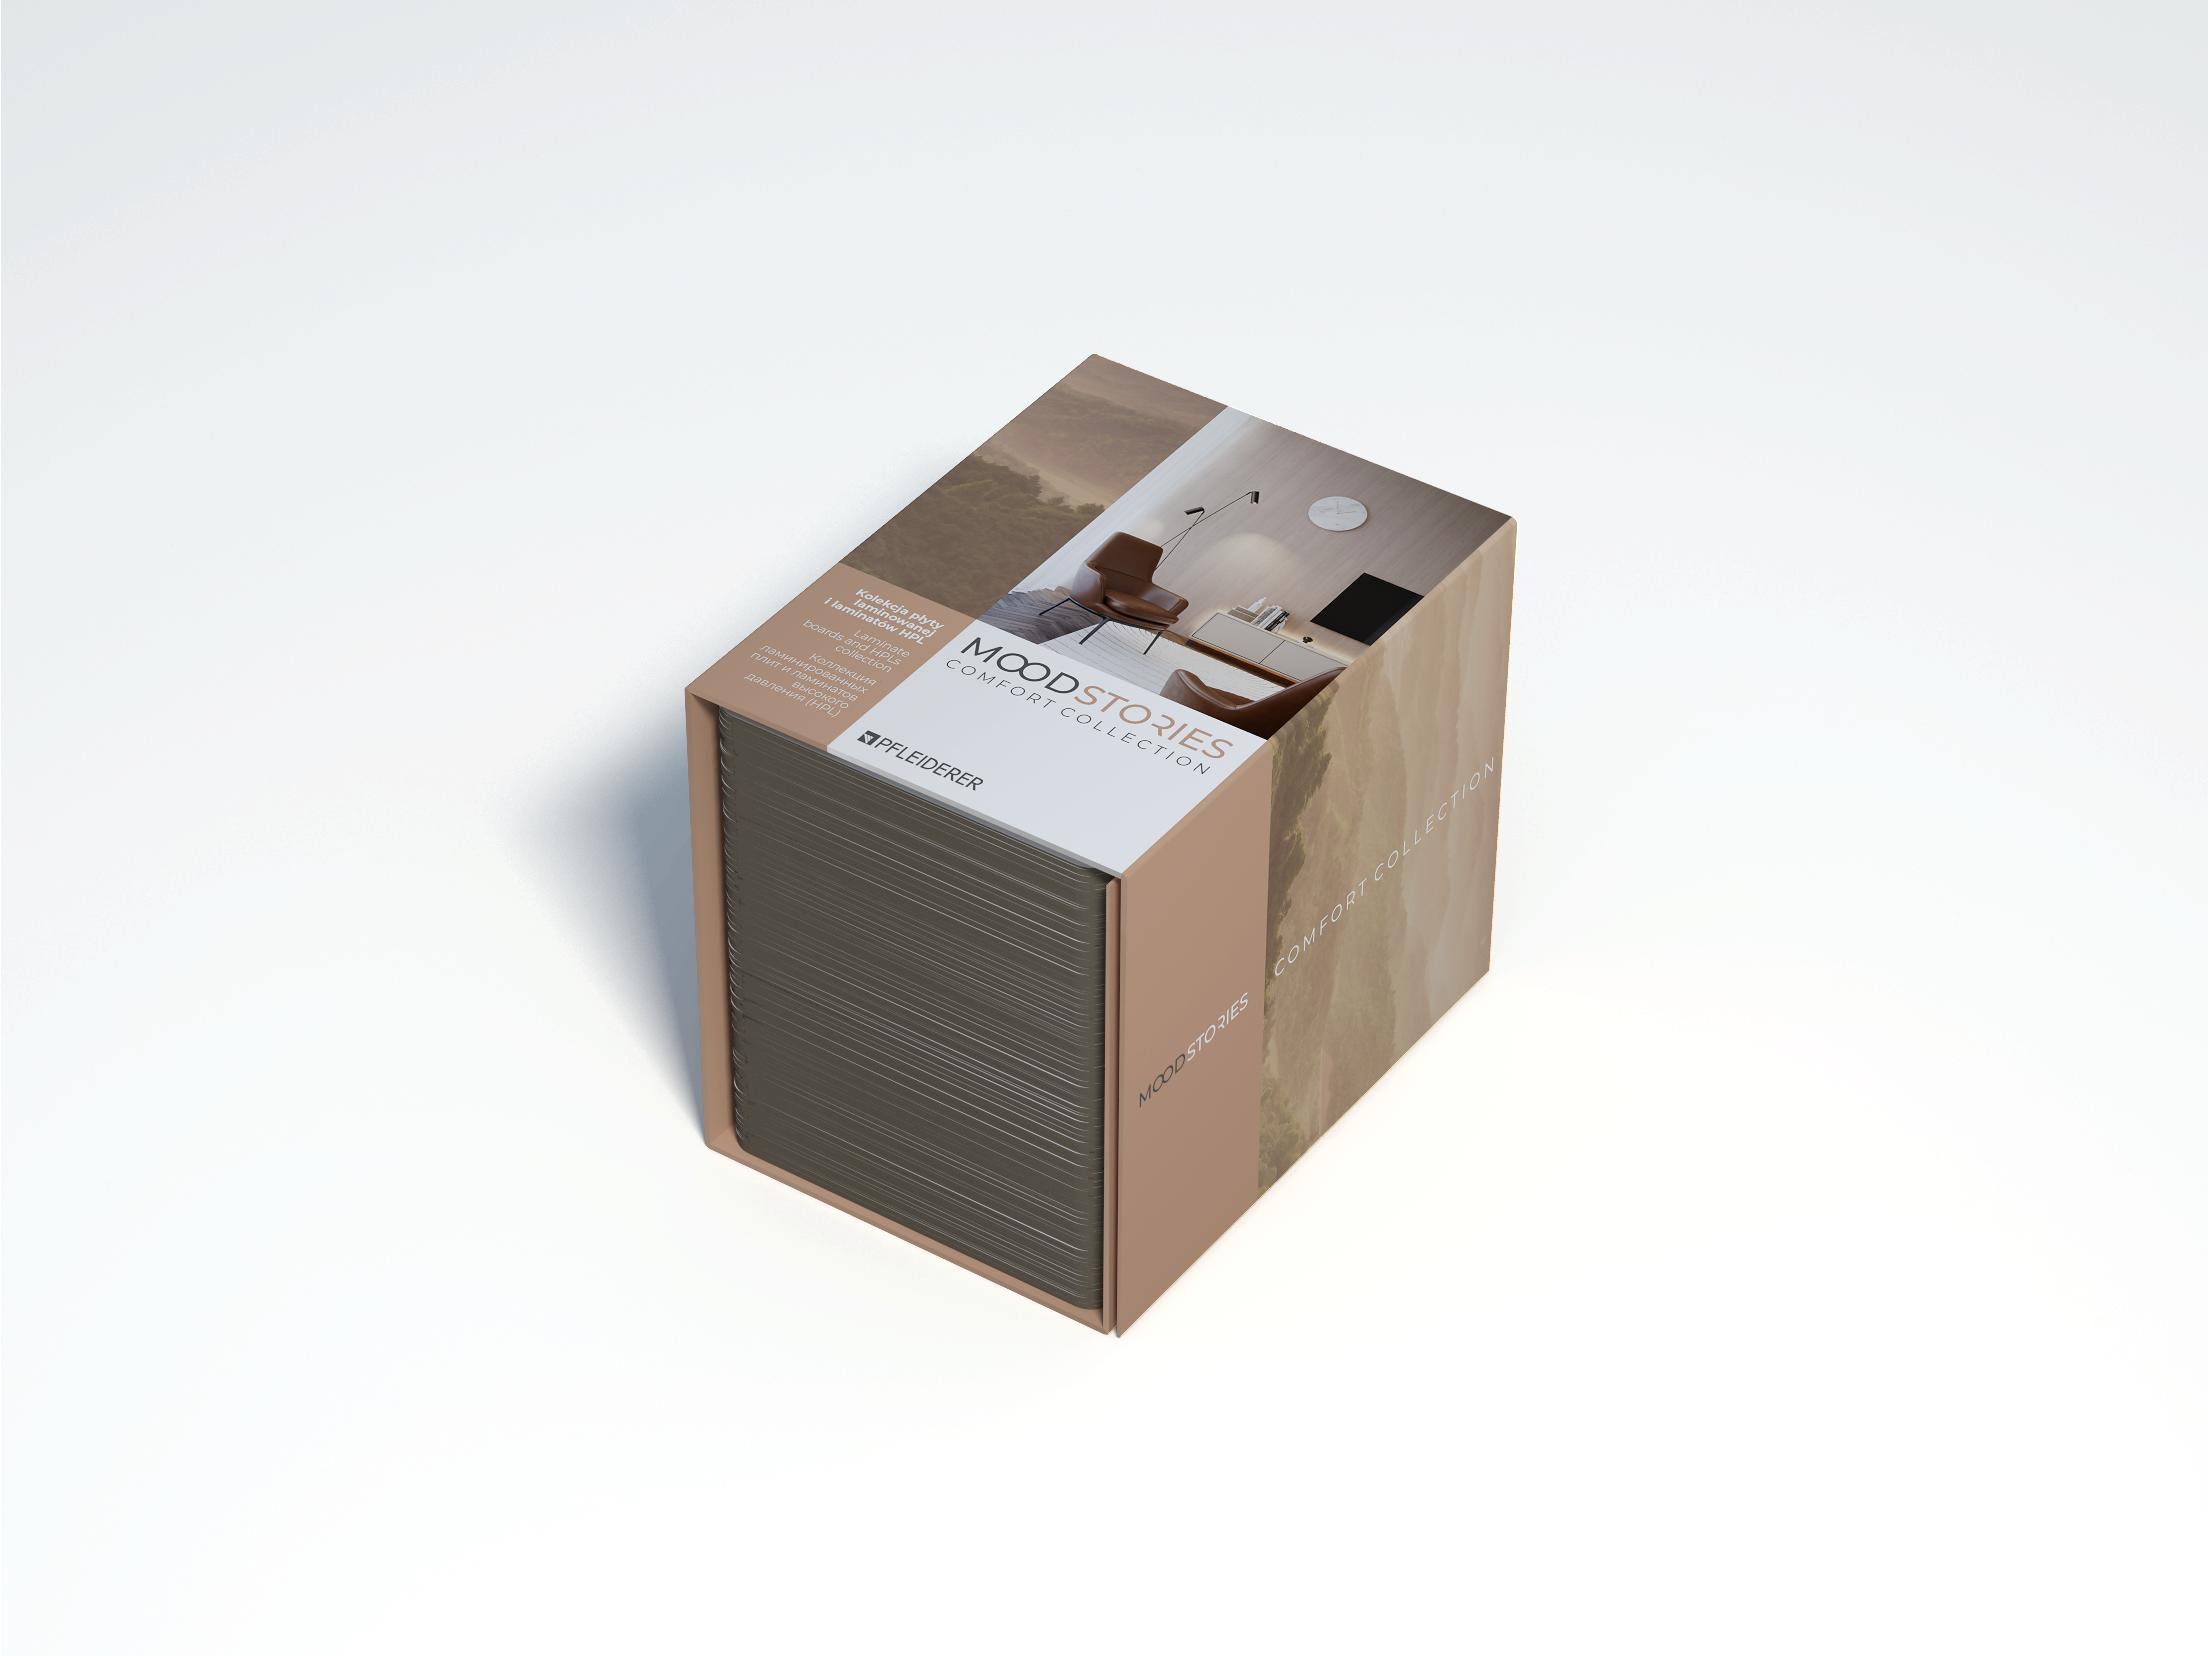 Wzornik listkowy płyt laminowanych i laminatów HPL kolekcji Mood Stories Comfort Collection